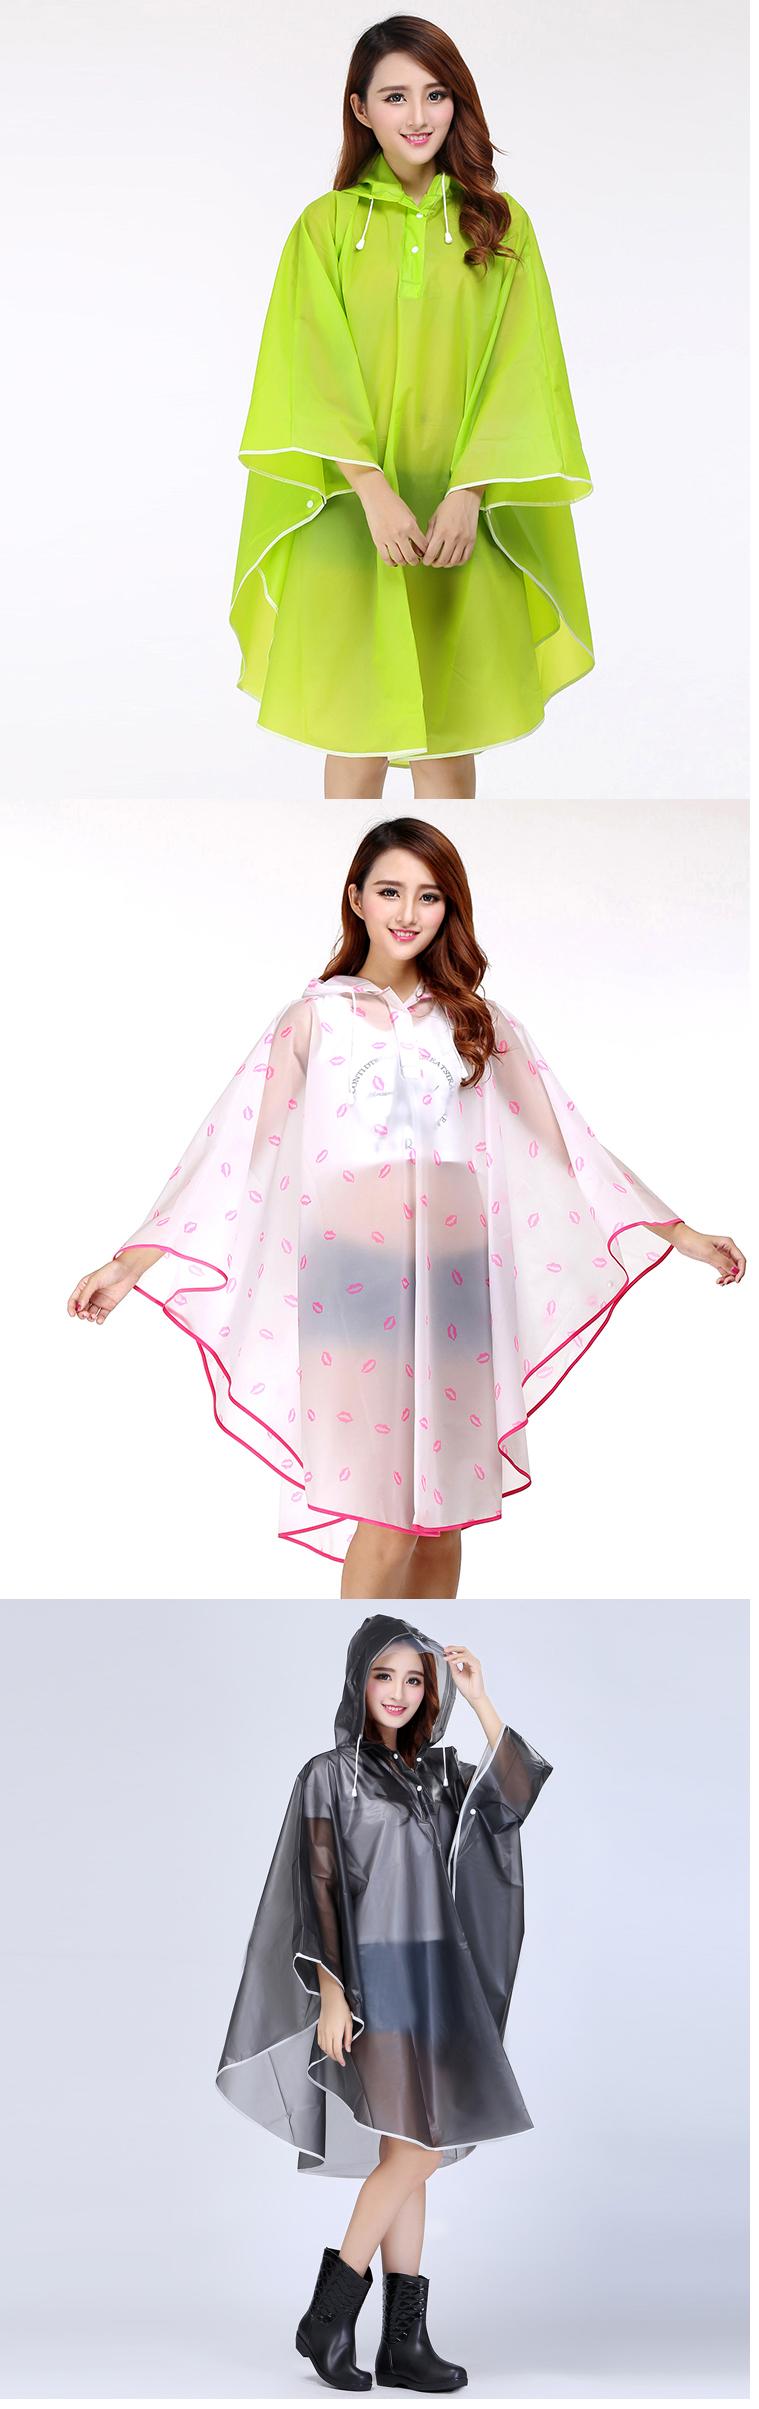 Women Transparent Portable Long Raincoats 25